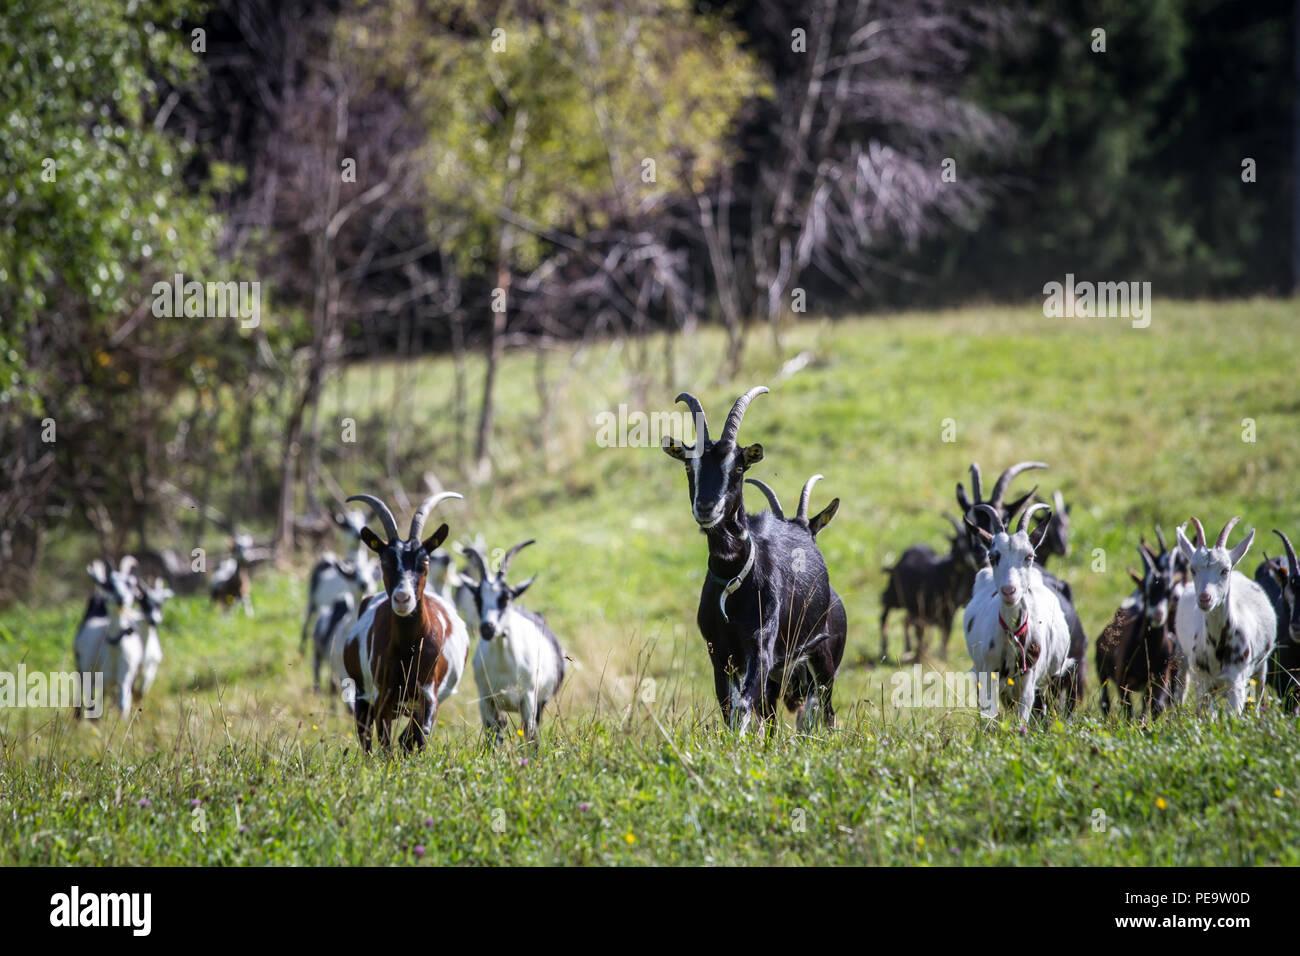 Mountain goats (Capra aegagrus hircus) - Stock Image